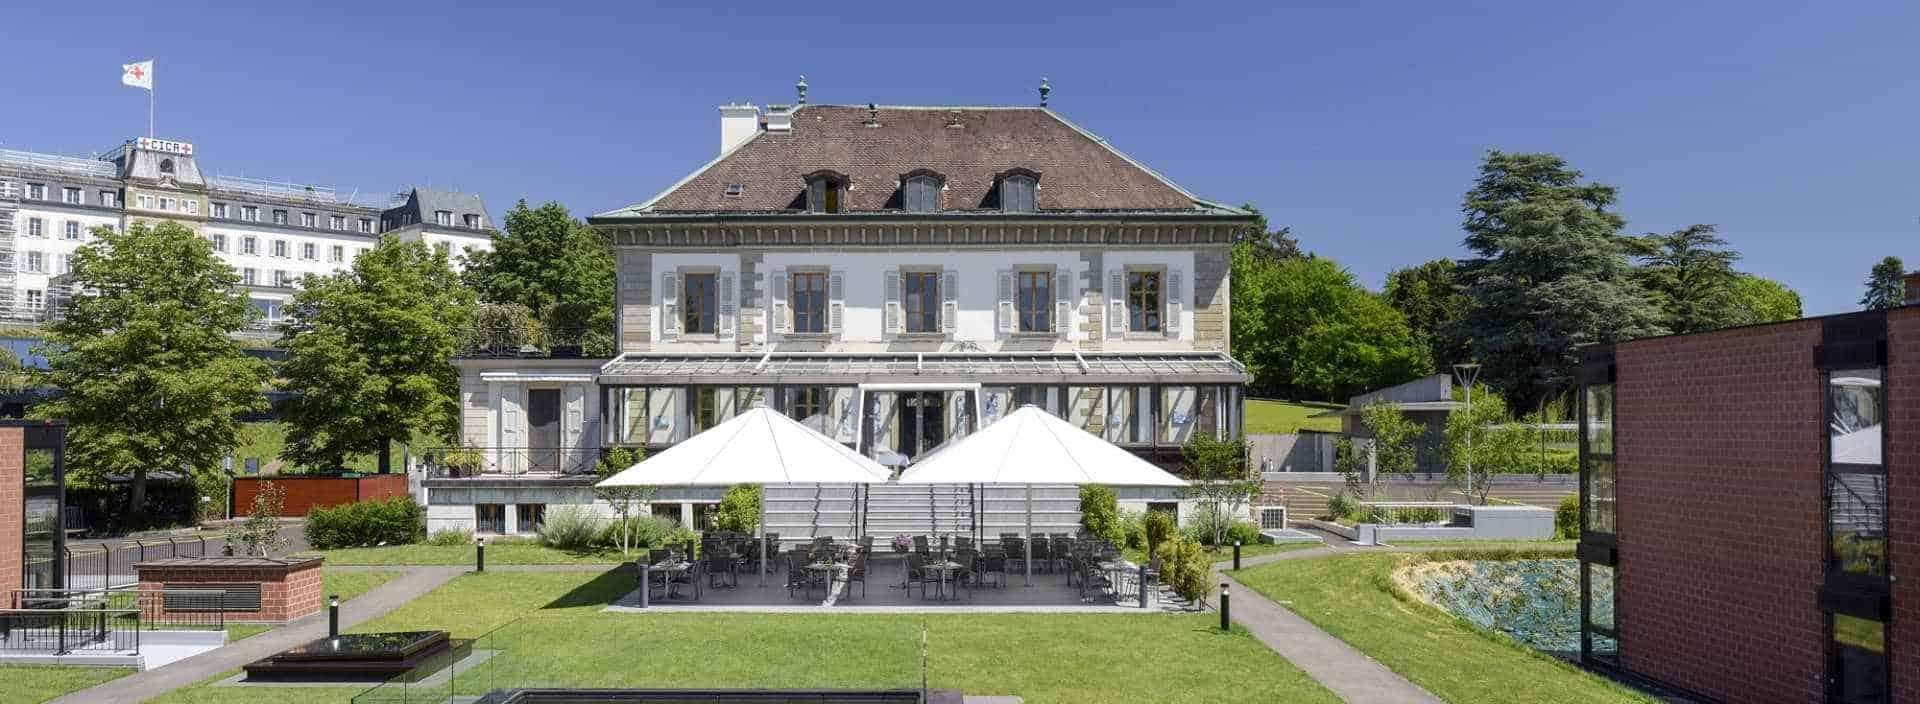 Ecole Hôtelière de Genève ( EHG ), au bord du lac Léman en Suisse